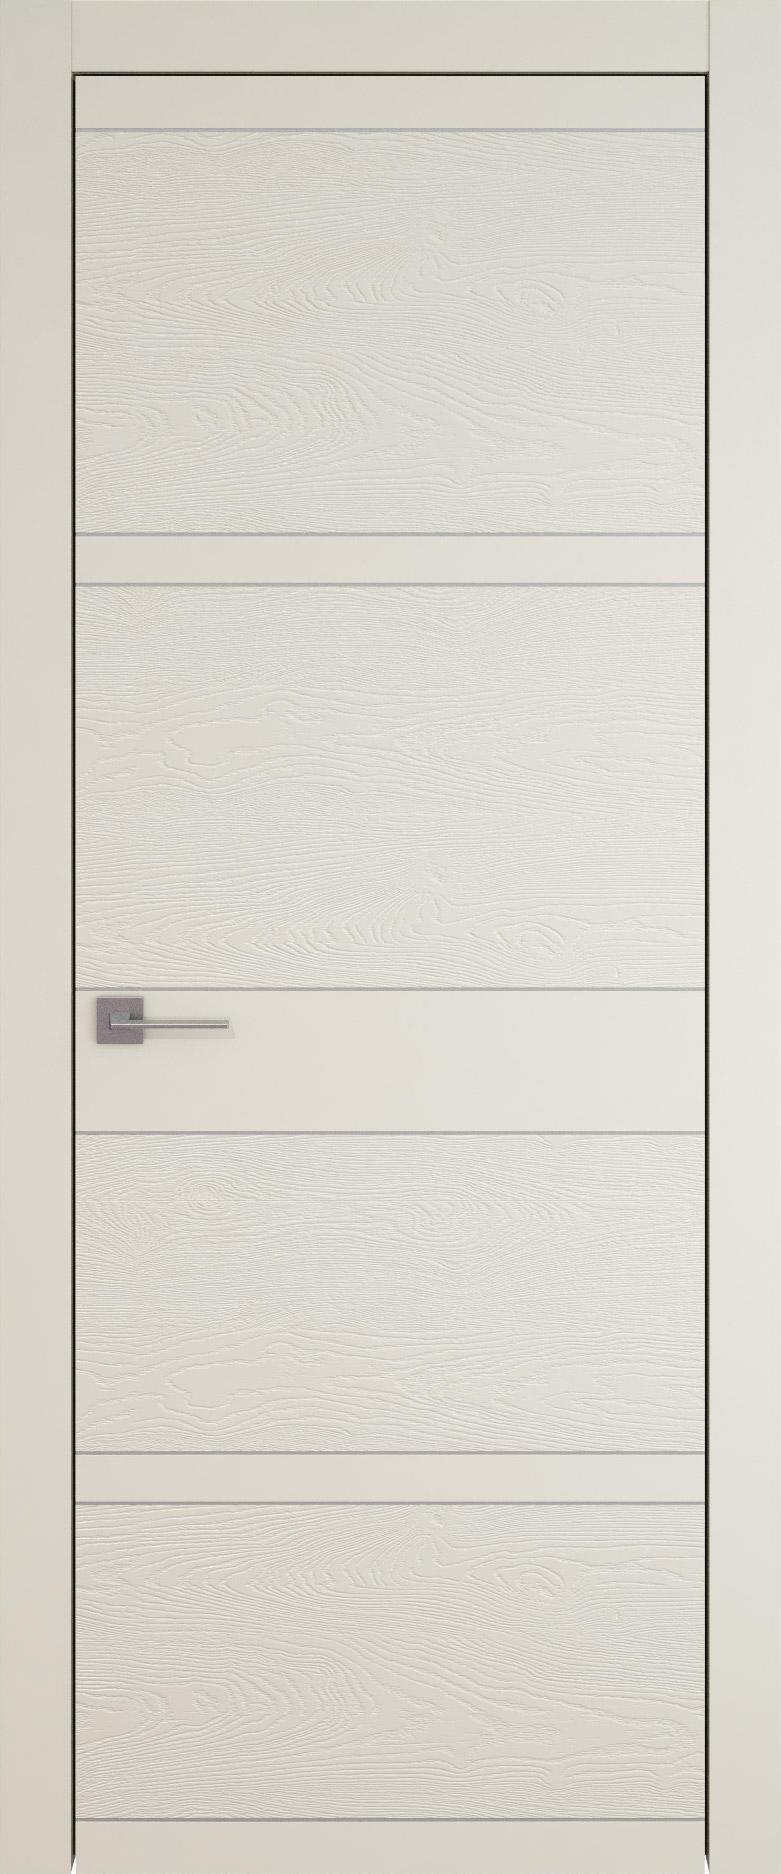 Tivoli Е-2 цвет - Жемчужная эмаль-эмаль по шпону (RAL 1013) Без стекла (ДГ)